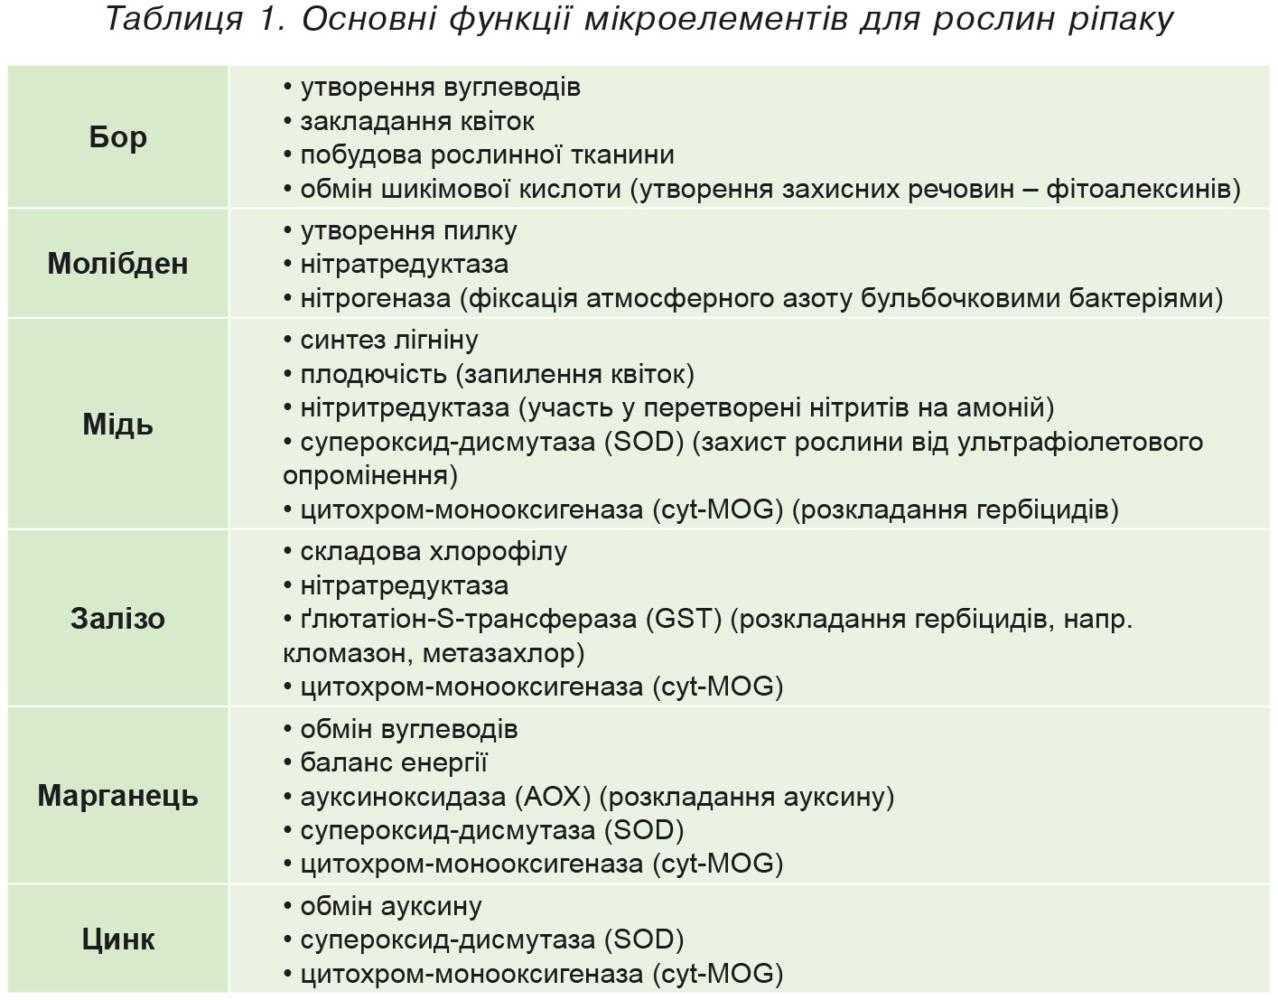 Таблиця 1. Основні функції мікроелементів для рослин ріпаку